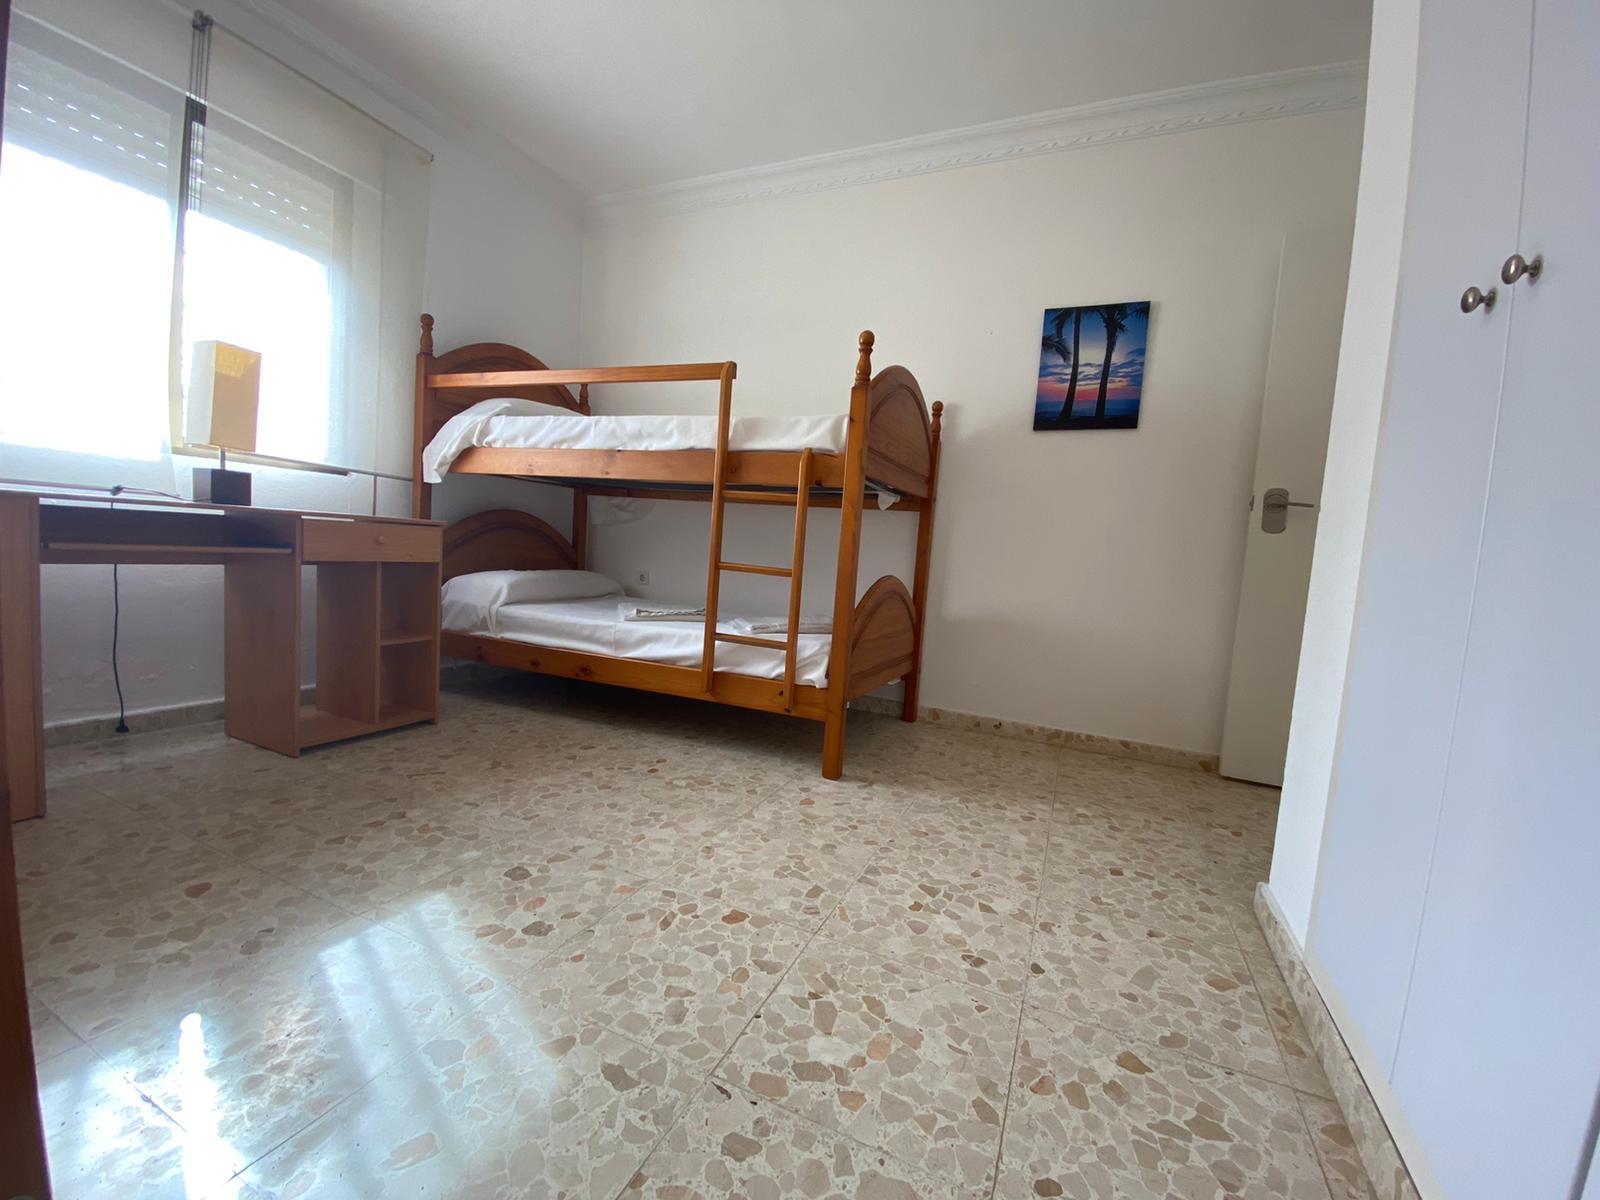 Imagen 43 del Vivienda Turística en Pueblo Marinero, (4d+2b), Punta del Moral (HUELVA), Avda. de la Palmera s-n